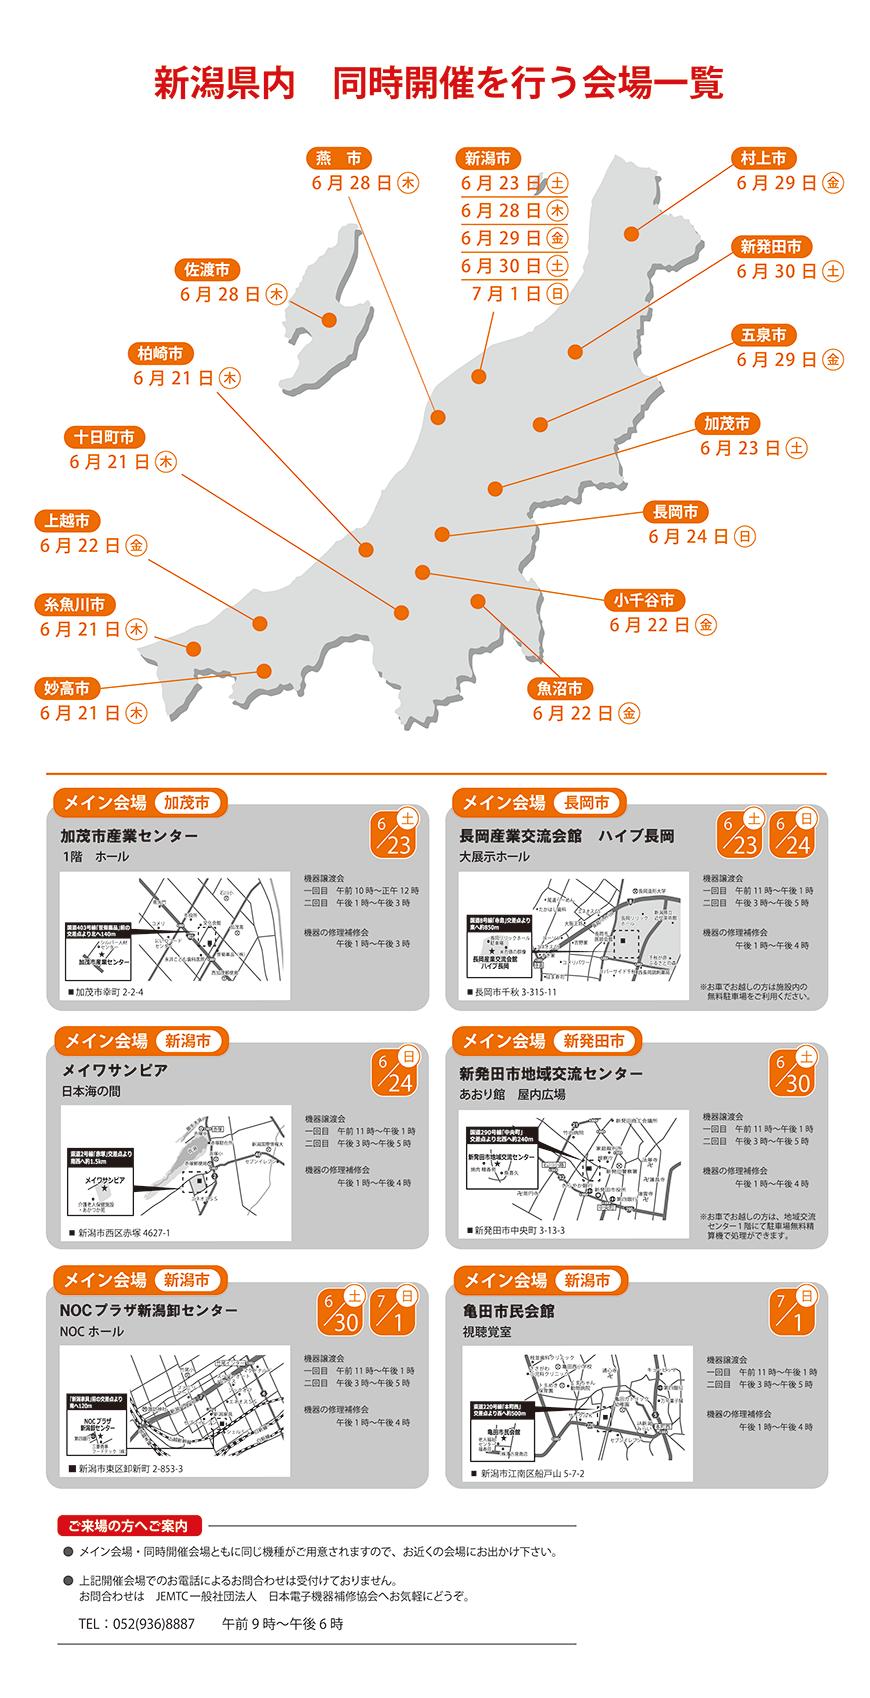 ジェムテクノートパソコン有償譲渡会in新潟_他開催会場